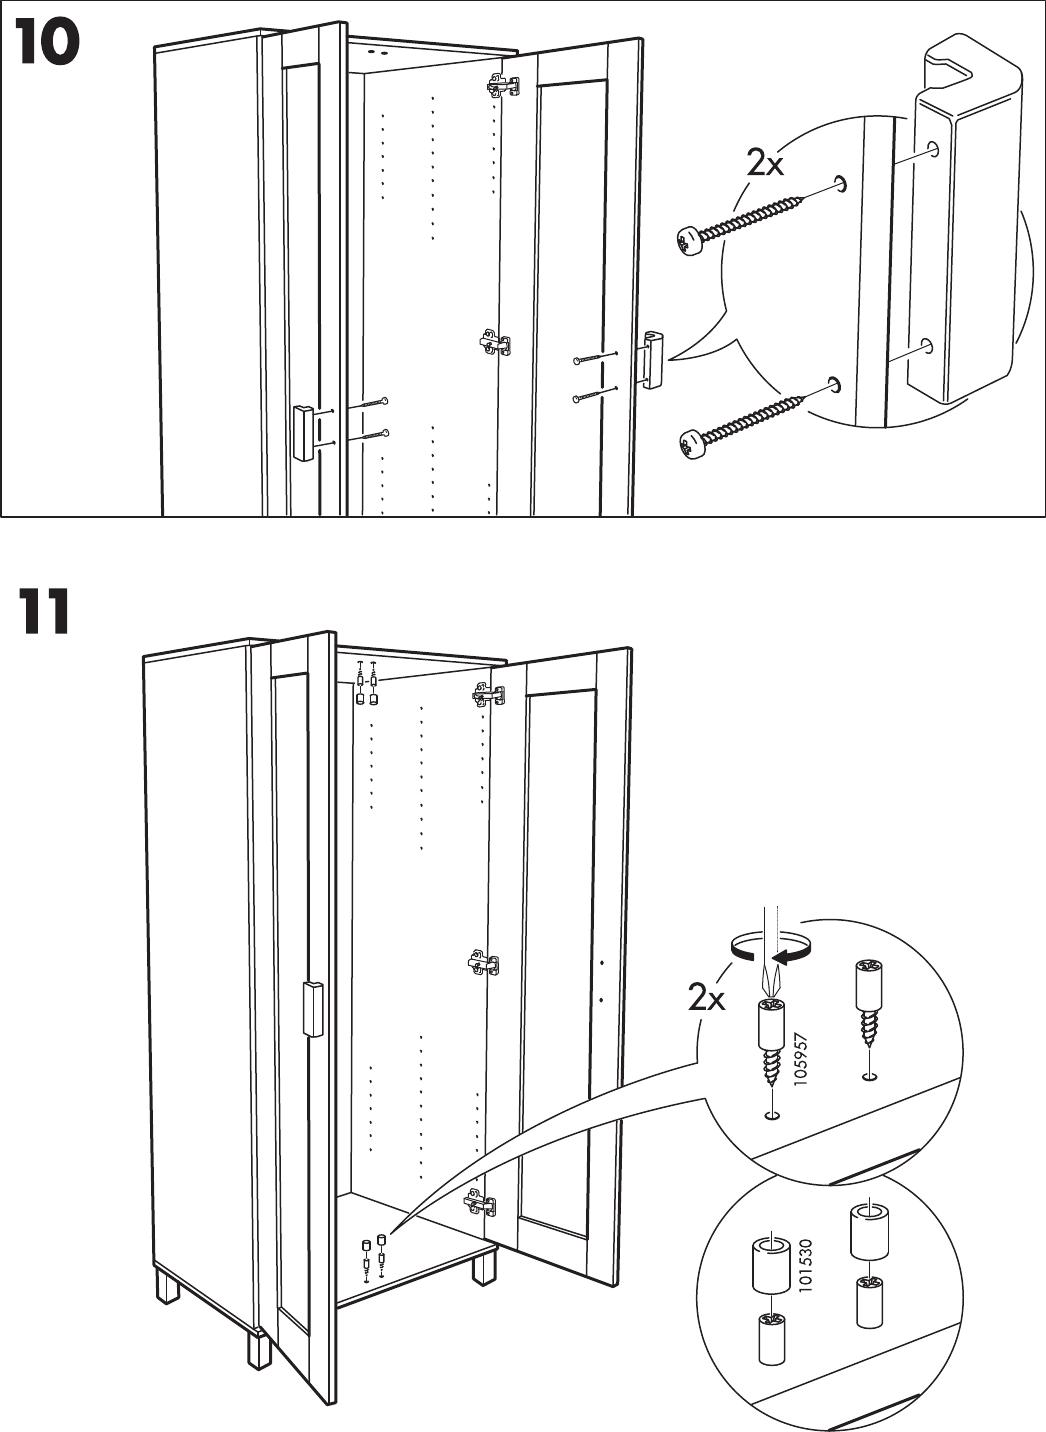 Handleiding Ikea Aneboda Kast Pagina 11 Van 12 Nederlands